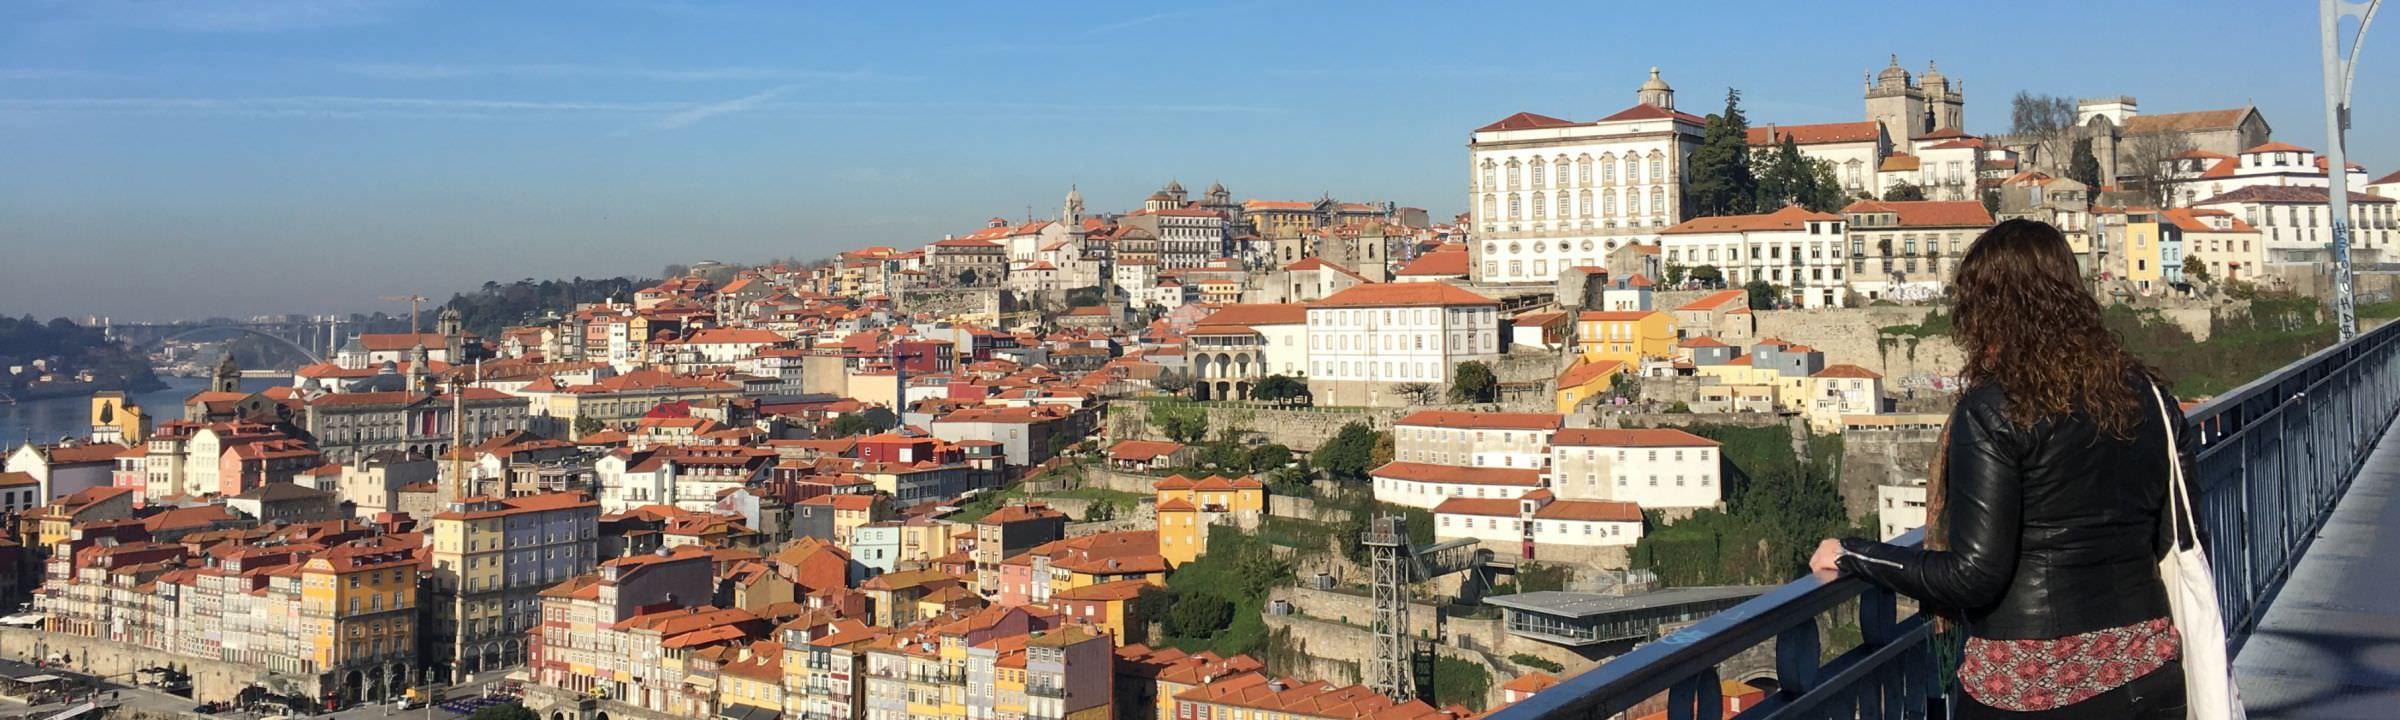 Wonen en Werken in Portugal: 60 Tips Voor Digital Nomads